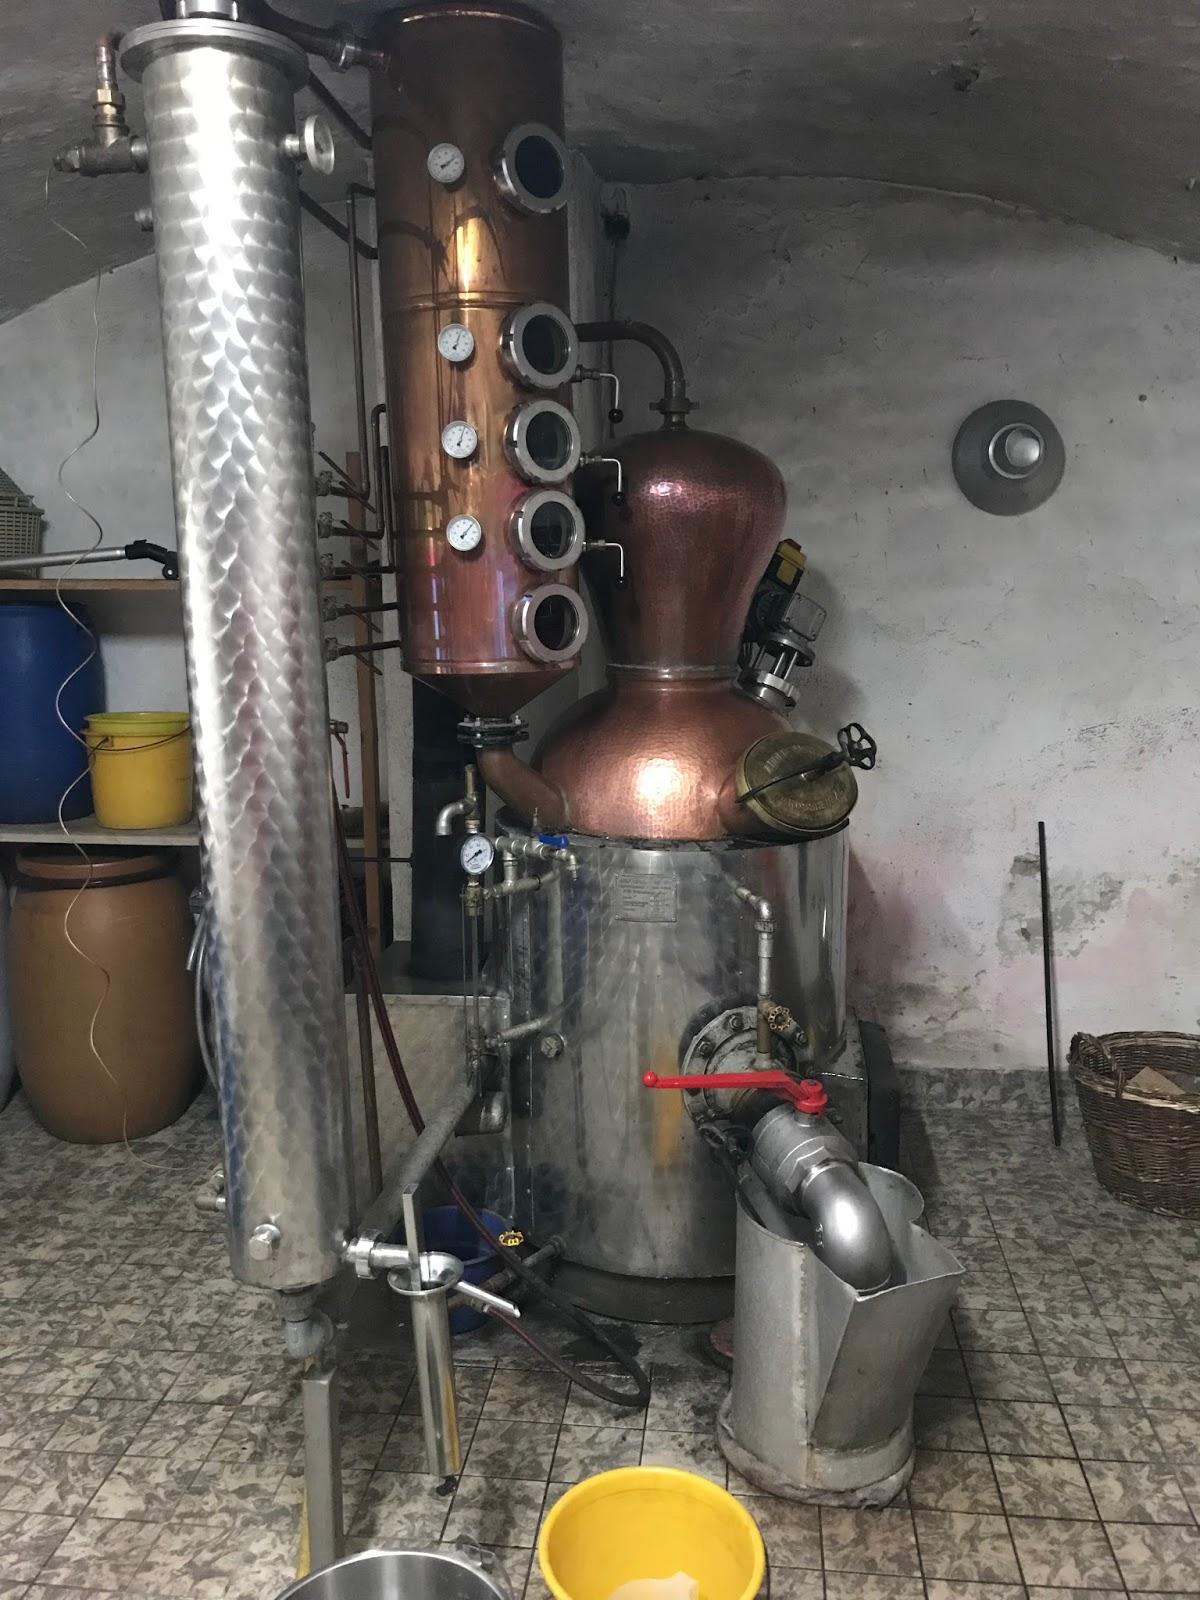 Ausgezeichnet Bauernhaus Küchenzubehör Uk Fotos - Ideen Für Die ...